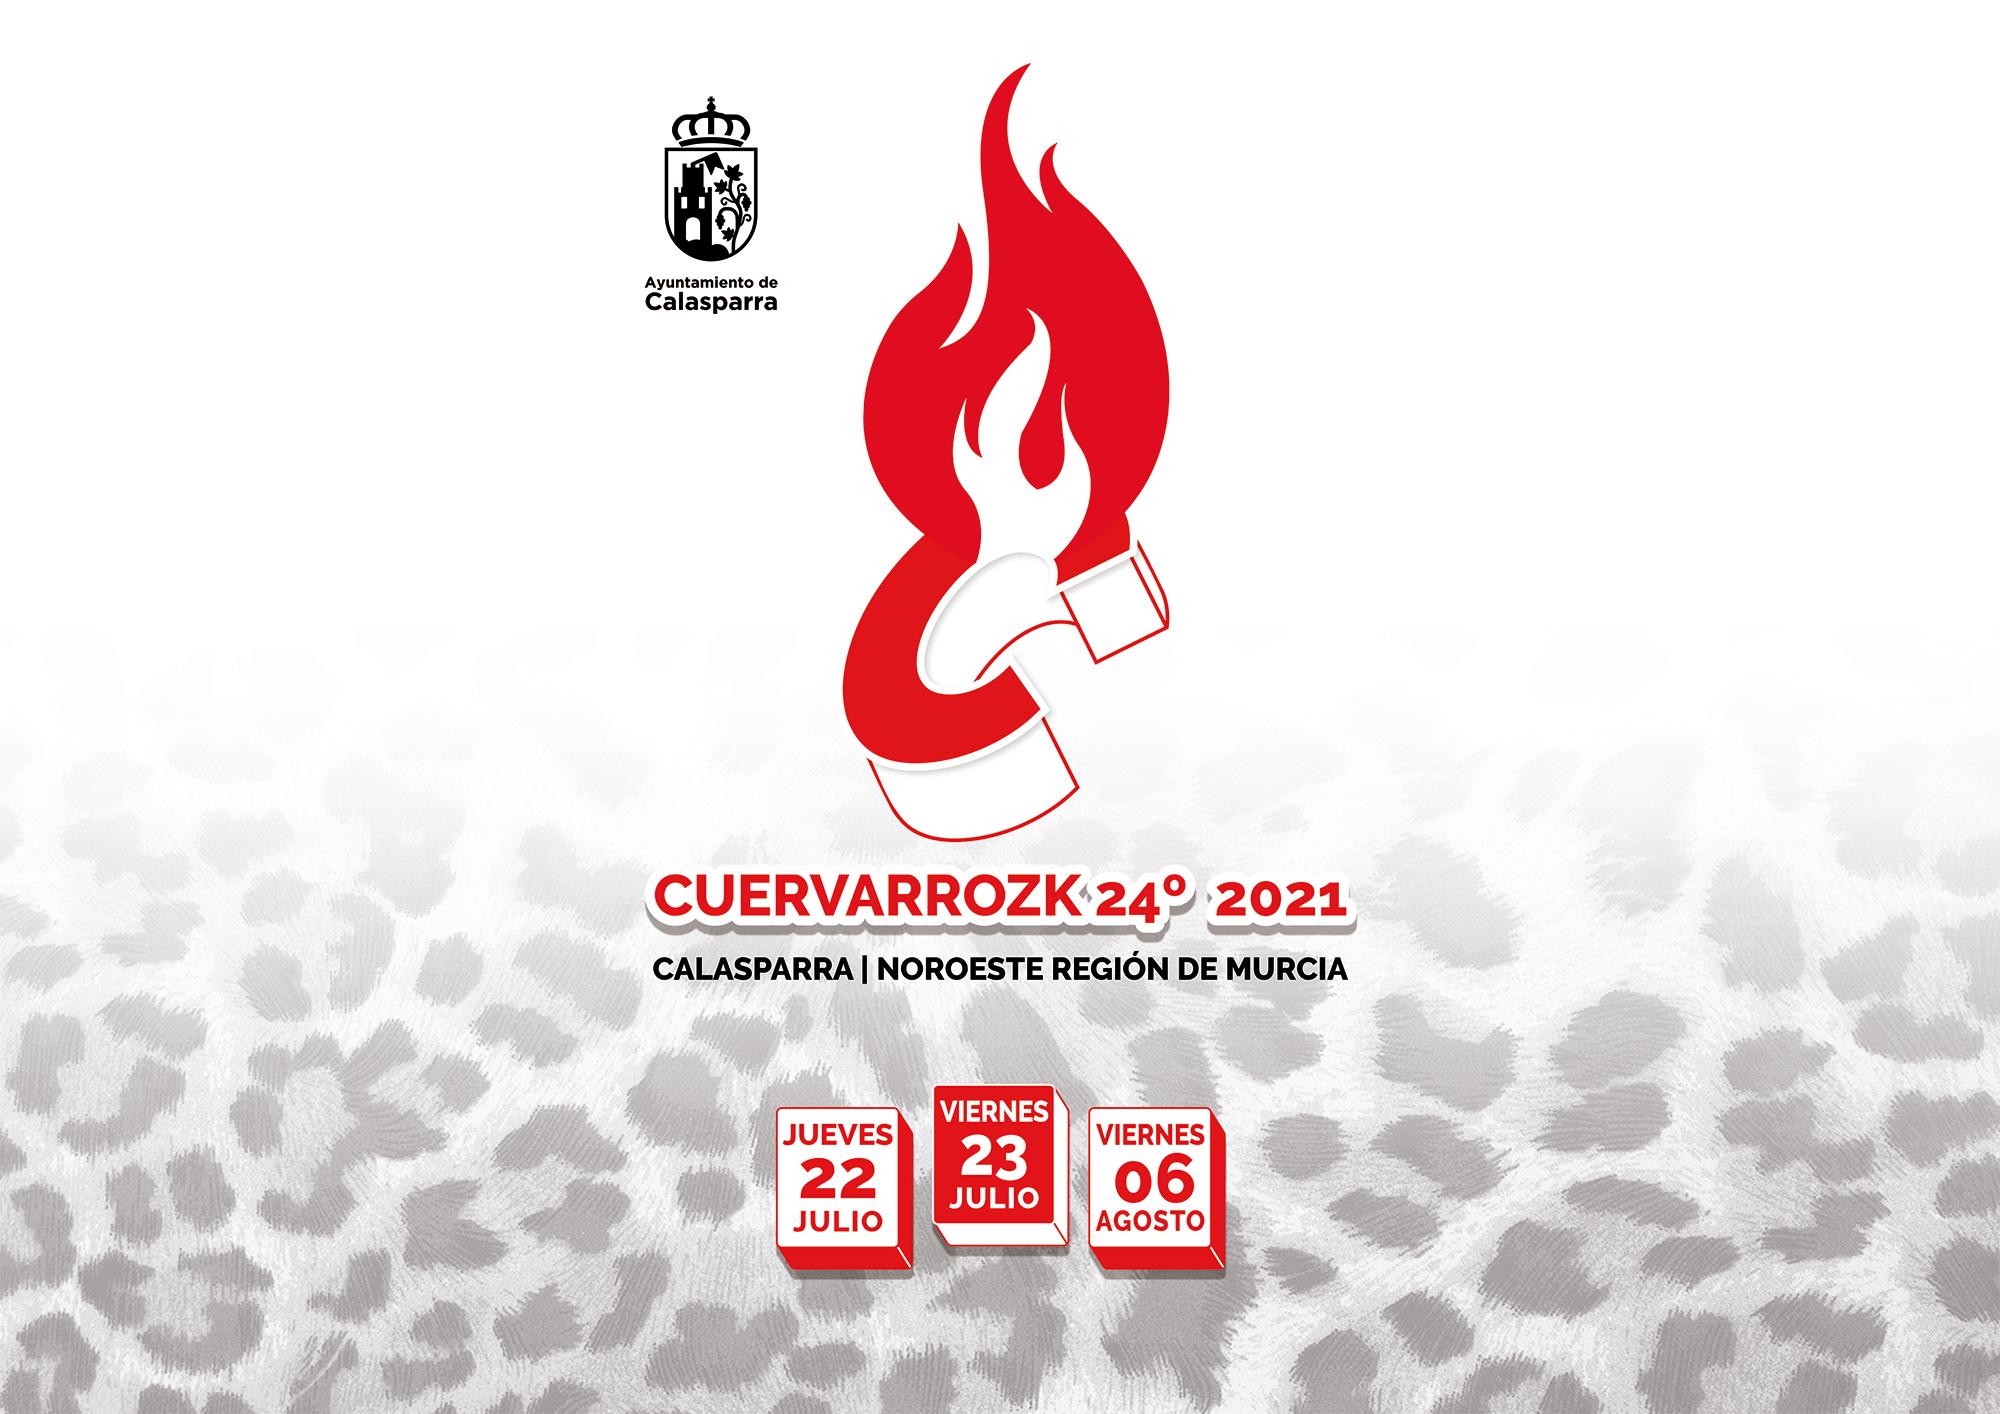 CUERVARROZK 2021 · 24º Edición